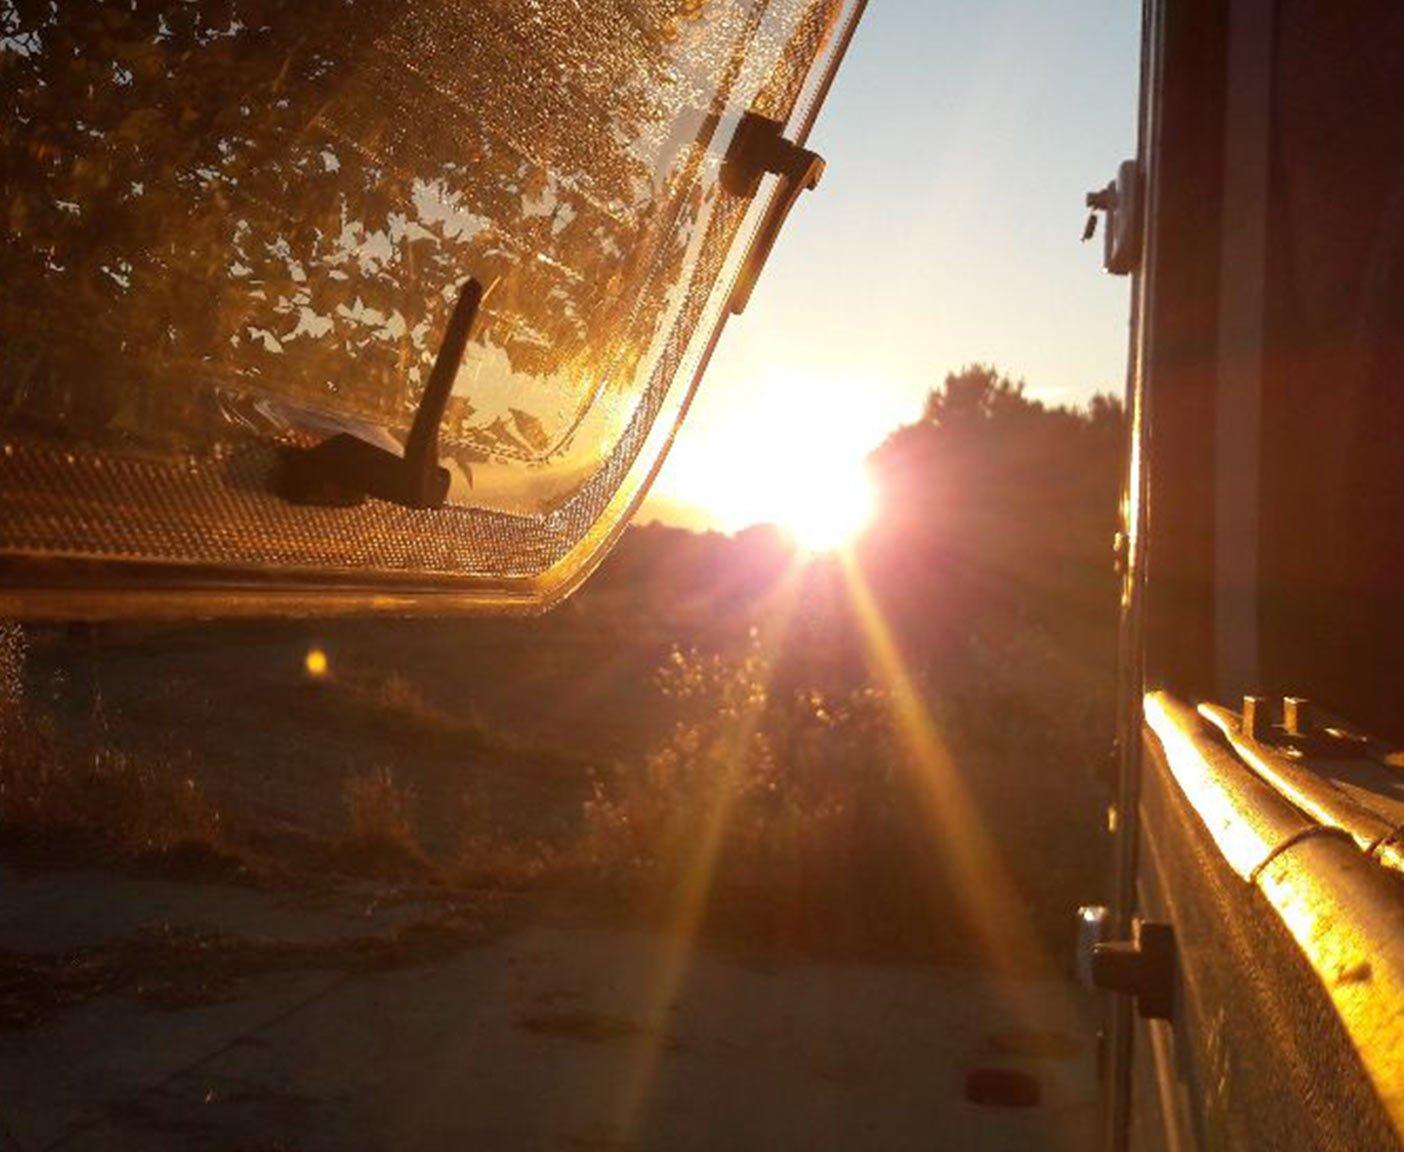 route-spanien-frankreich-mittelmeer-camper-roadtrip-stellplaetze-wohnmobil